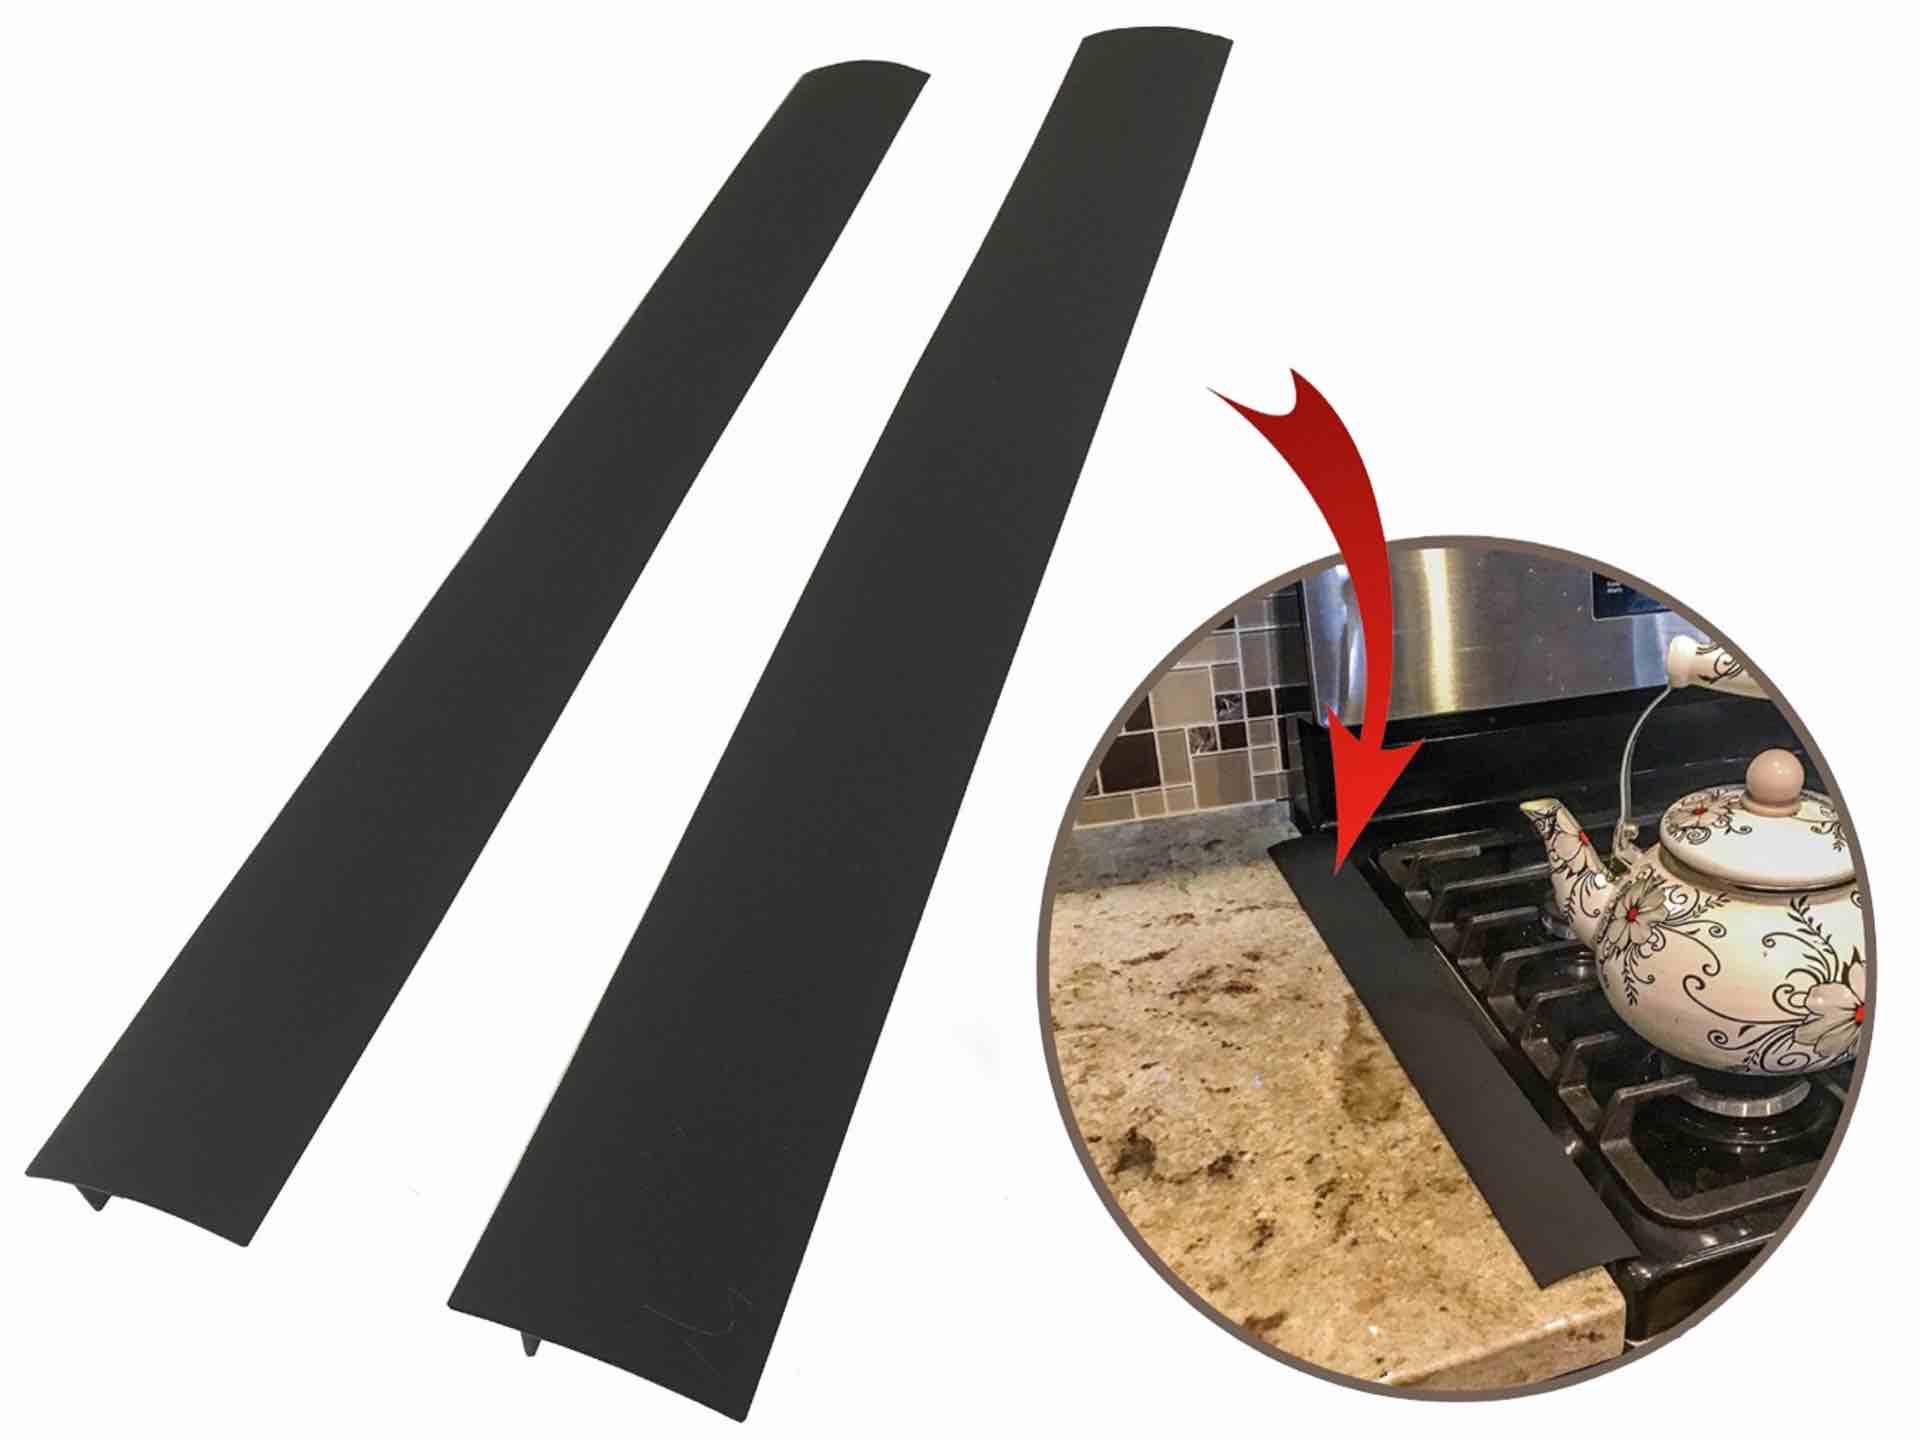 capparis-silicone-stove-counter-gap-cover